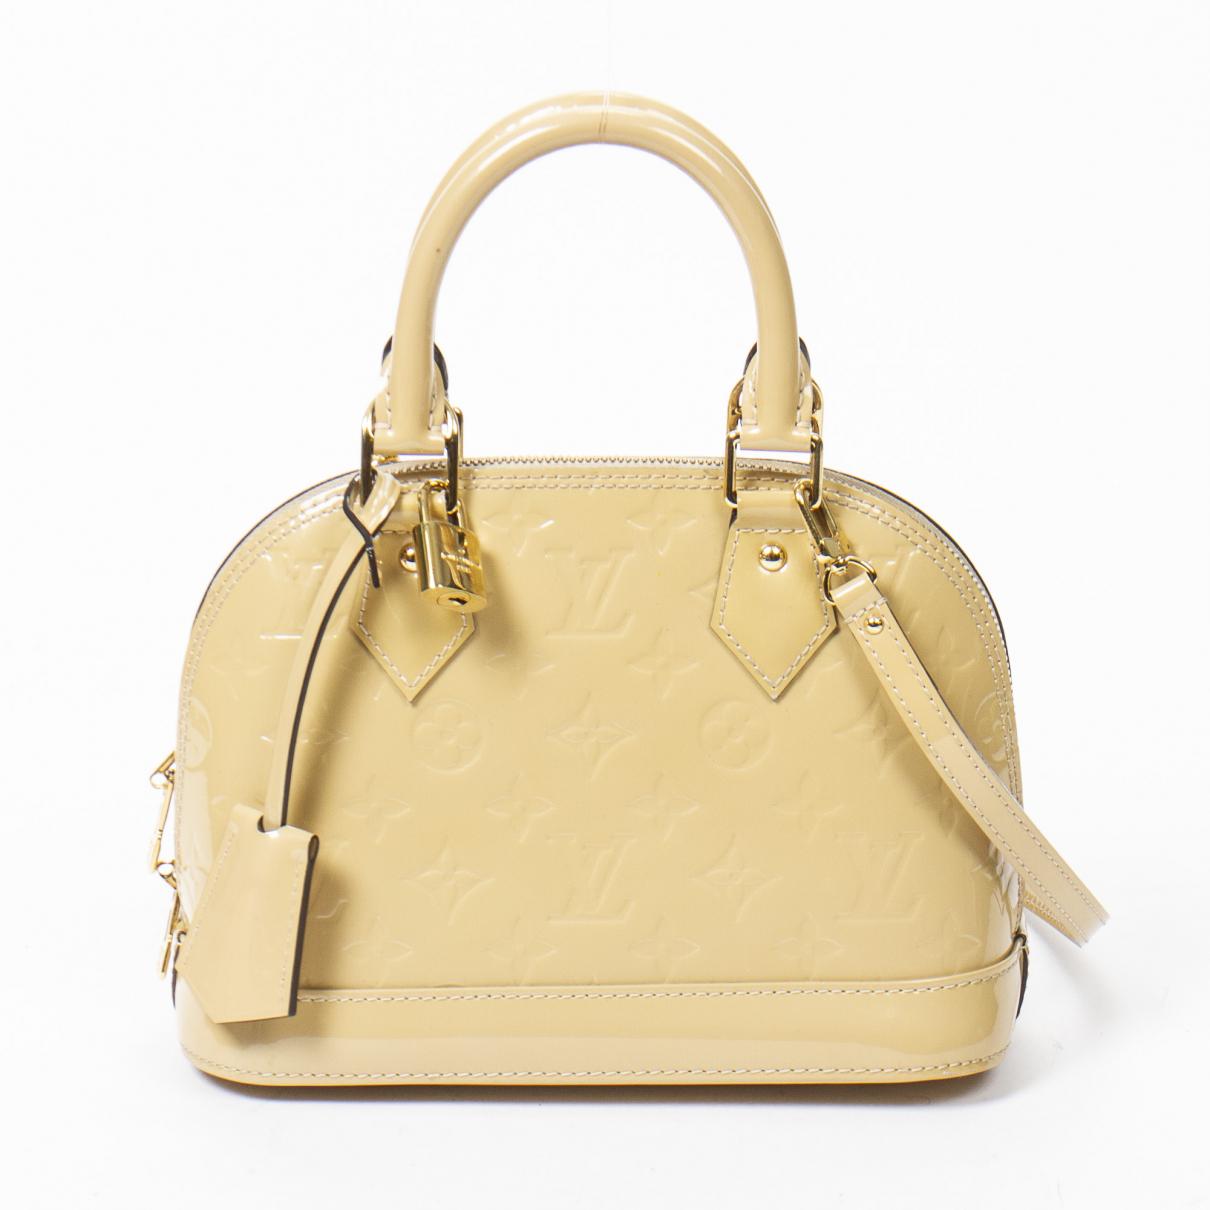 Louis Vuitton Alma BB Handtasche in  Beige Lackleder